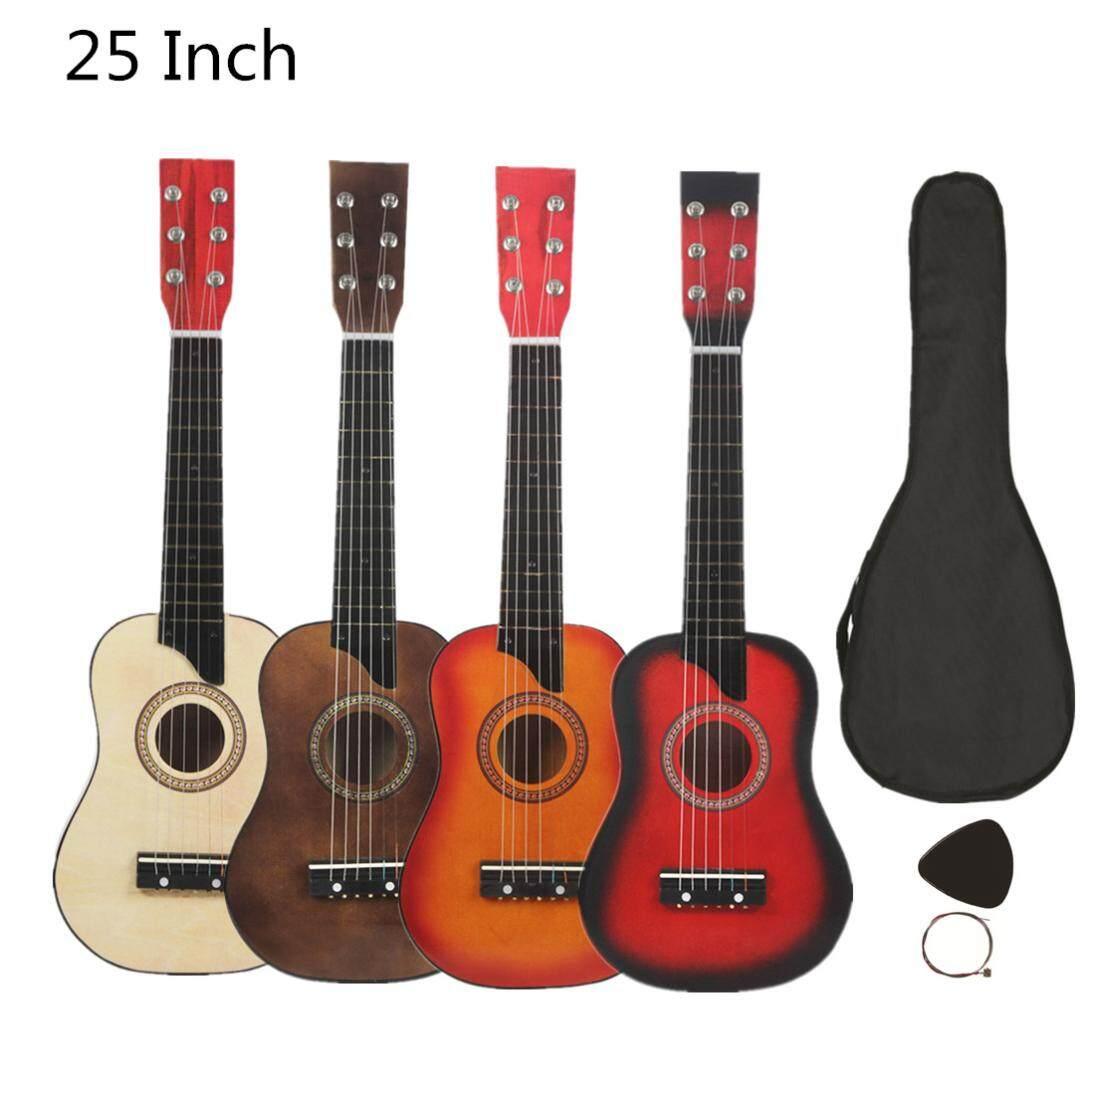 Đàn Ghi-ta Bass 25 Inch Với Túi Chọn Dây Quà Tặng Trẻ Em Và Nhạc Cụ Cho Người Mới Bắt Đầu 4 Màu Sắc Tùy Chọn